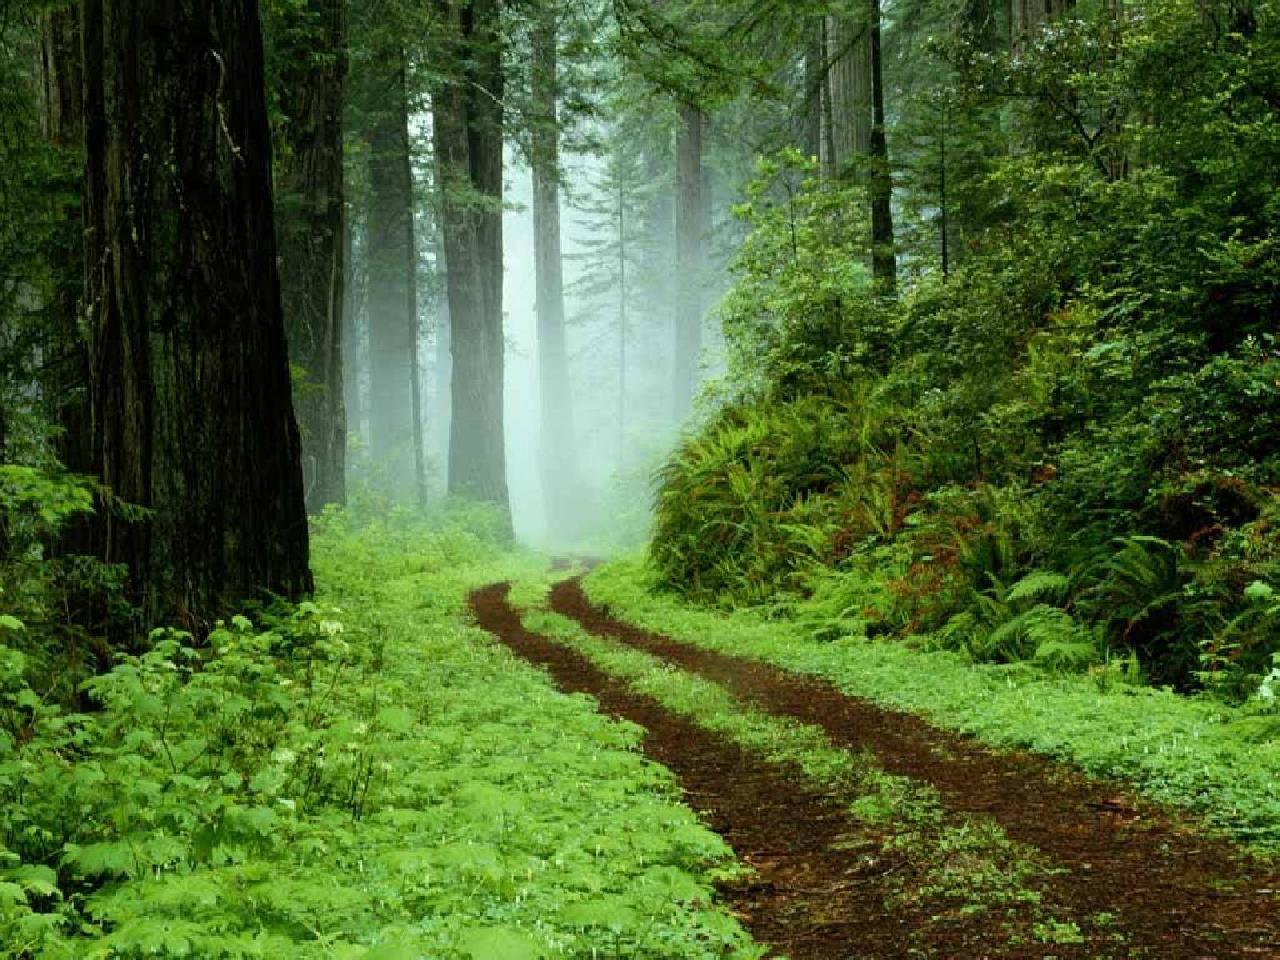 sfondi-desktop-foreste-immagini-pc-gratis-bosco-rigoglioso-1